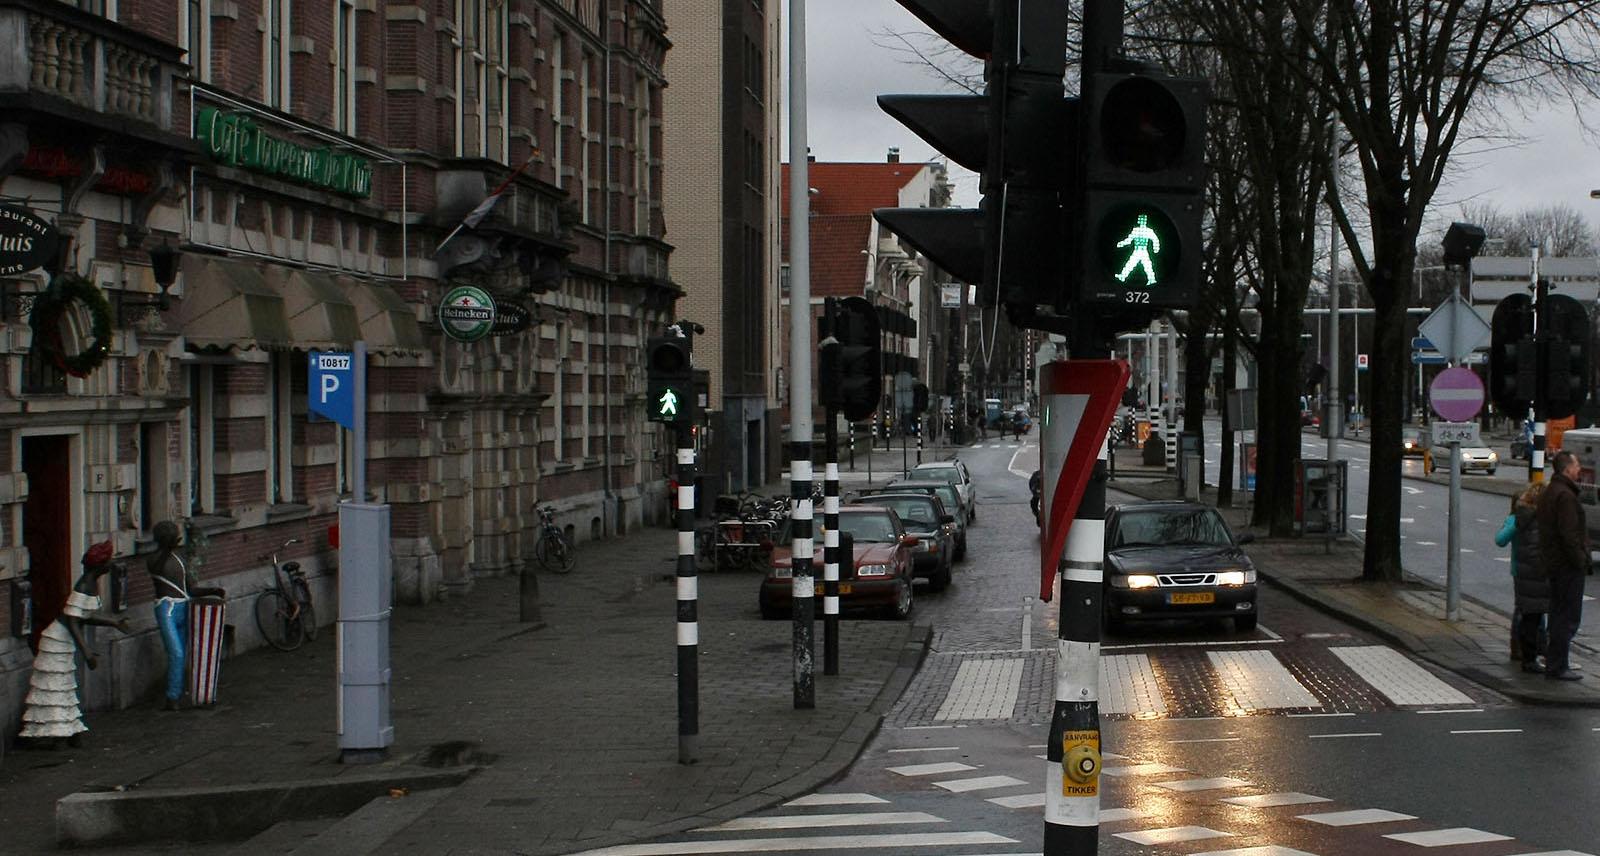 Mobilier urbain d'Amsterdam